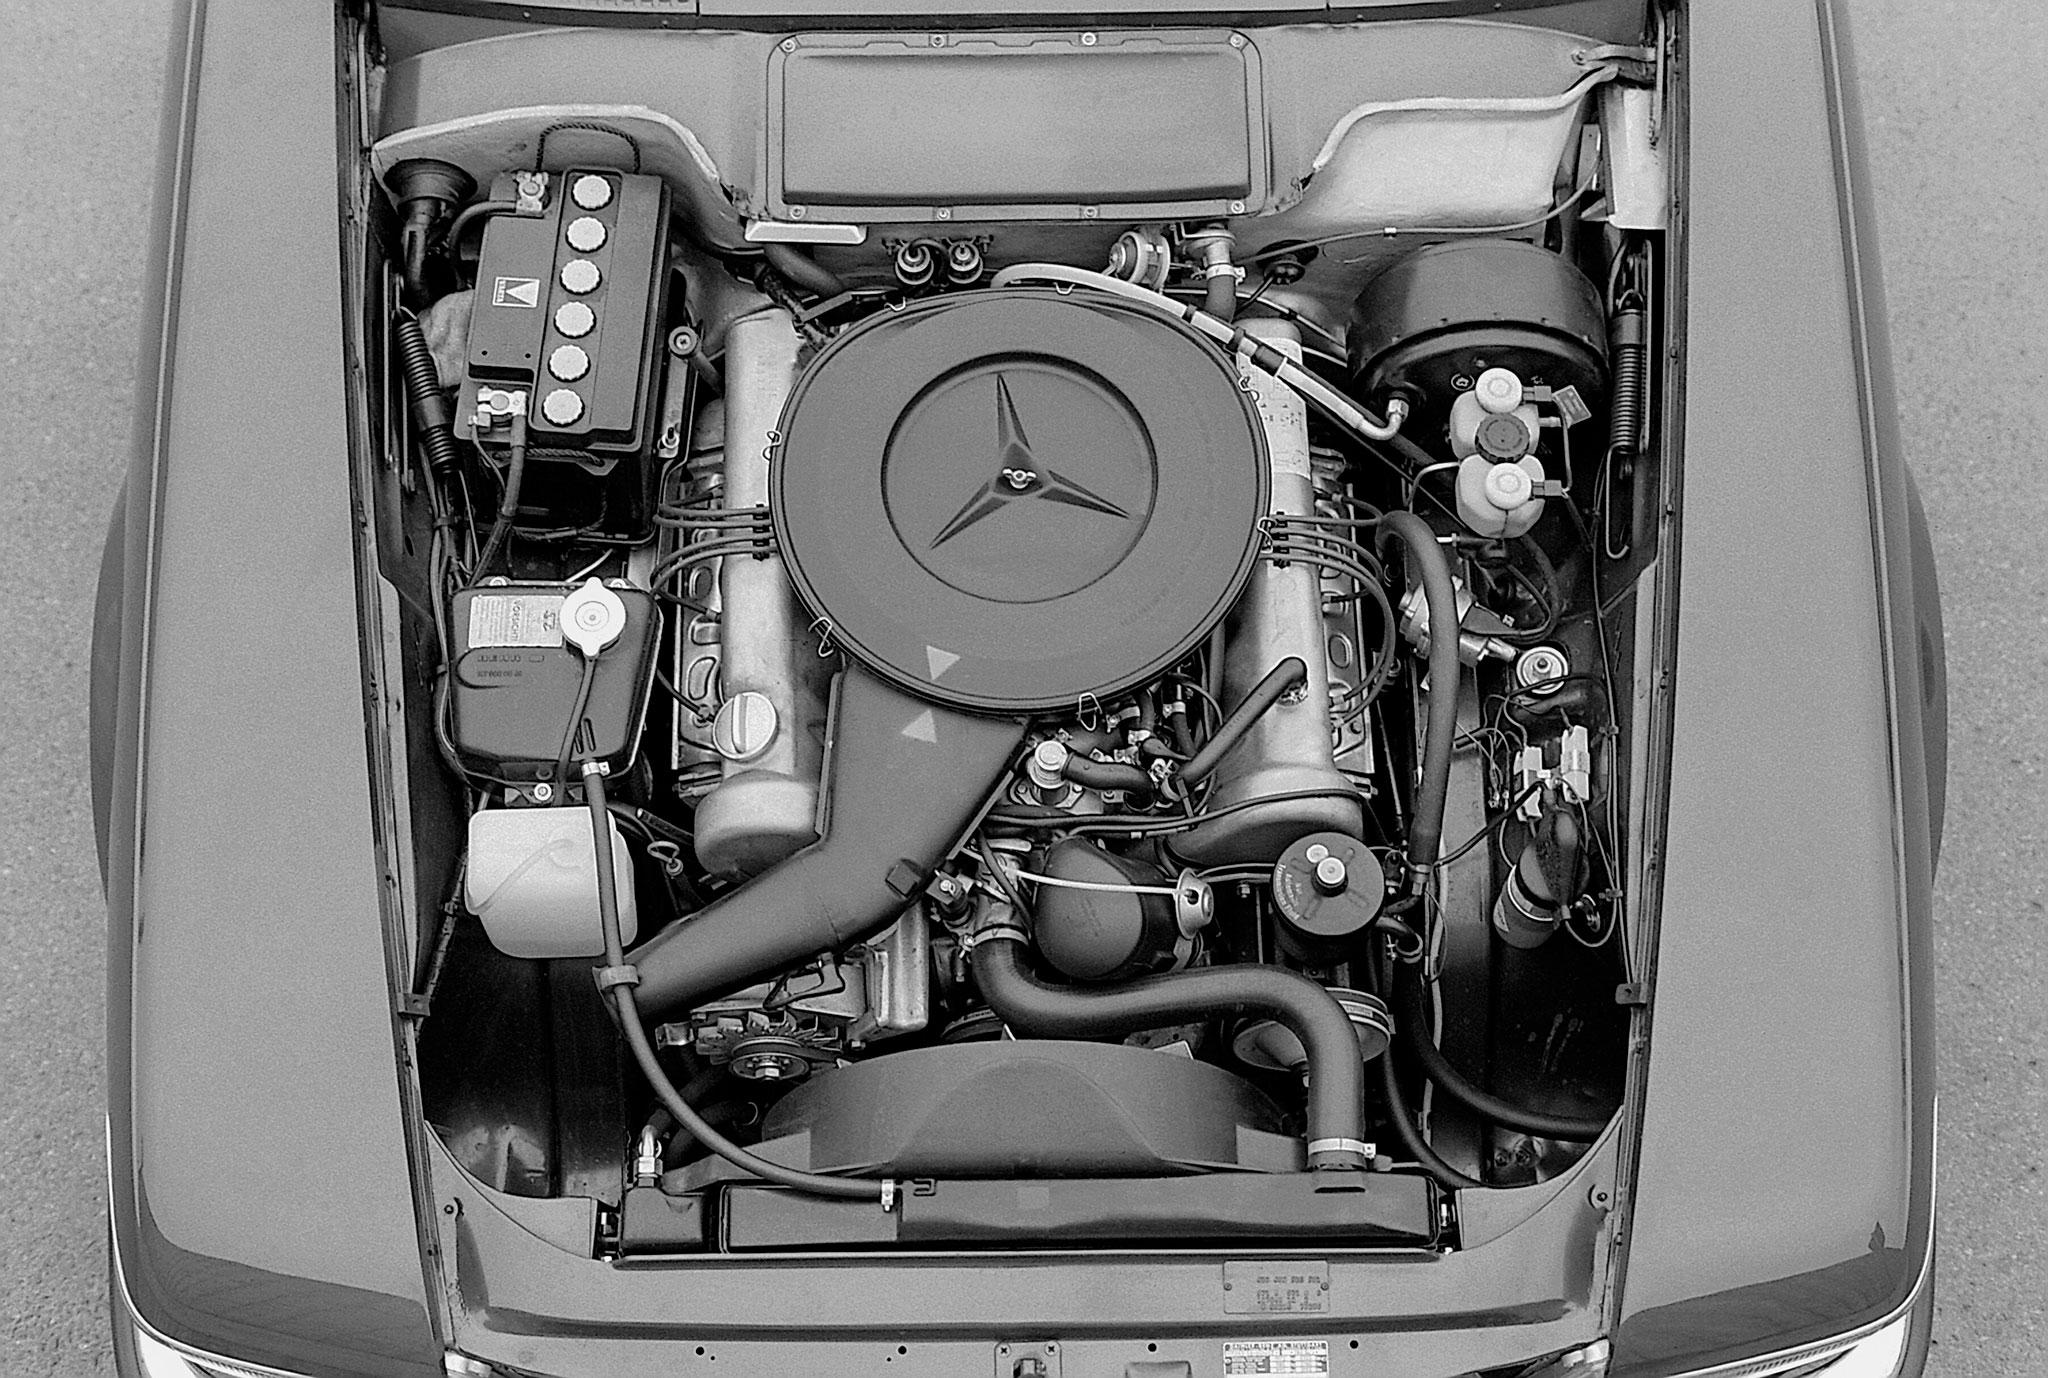 1971-1989 1980 Mercedes-Benz 350 SL R 107 reçoit à sa naissance un moteur M 116 V8 de 3.5-Litre de cylindrée.